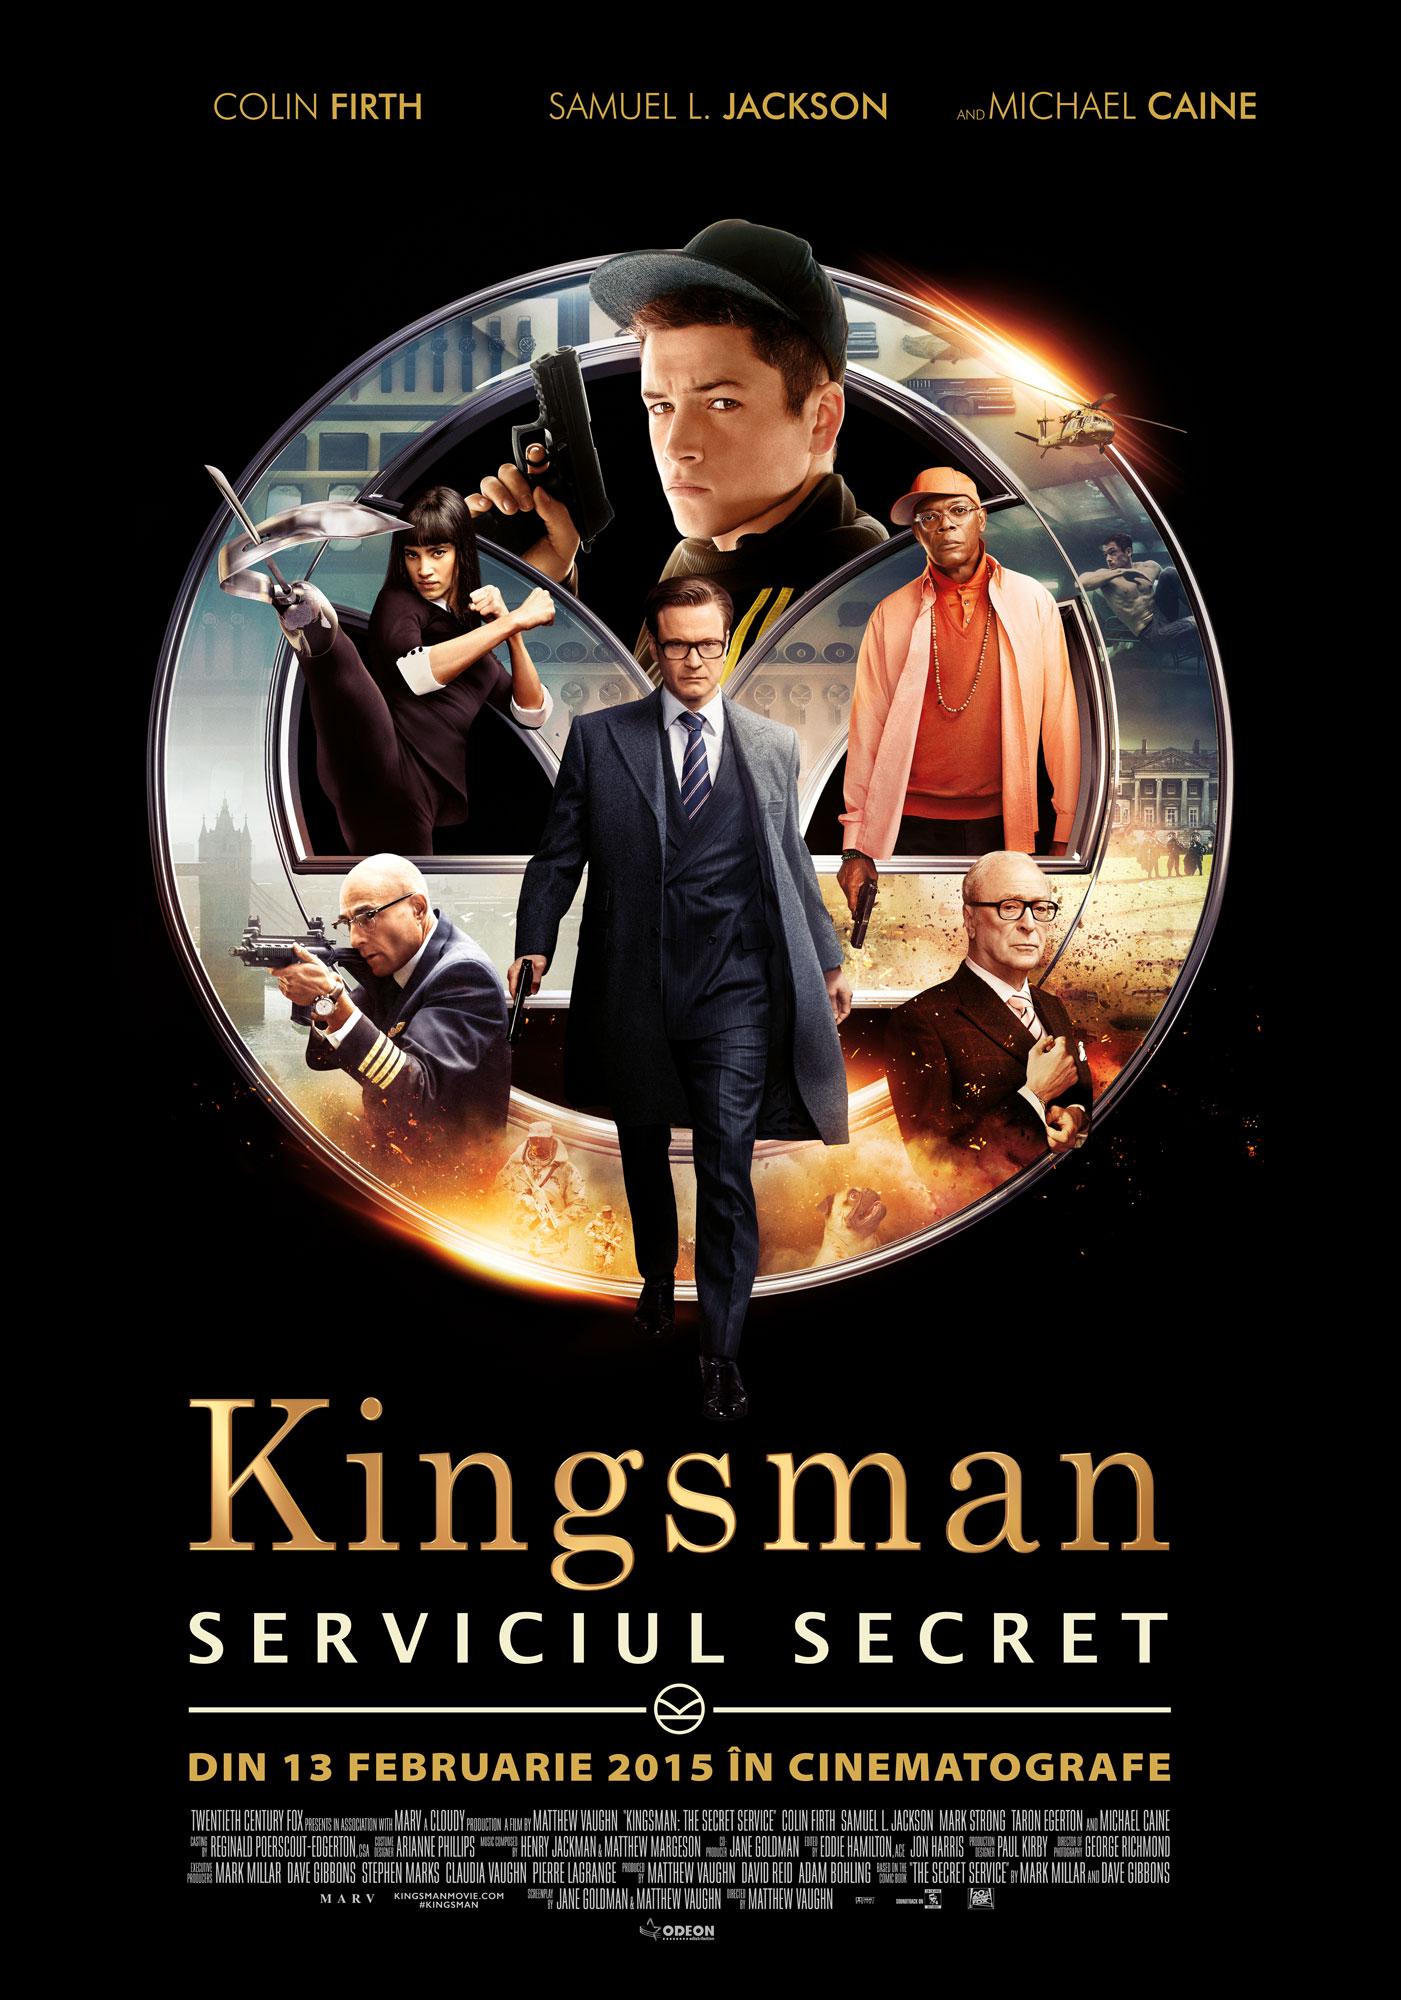 Kingsman: Serviciul Secret / Kingsman: The Secret Service (Premiera)